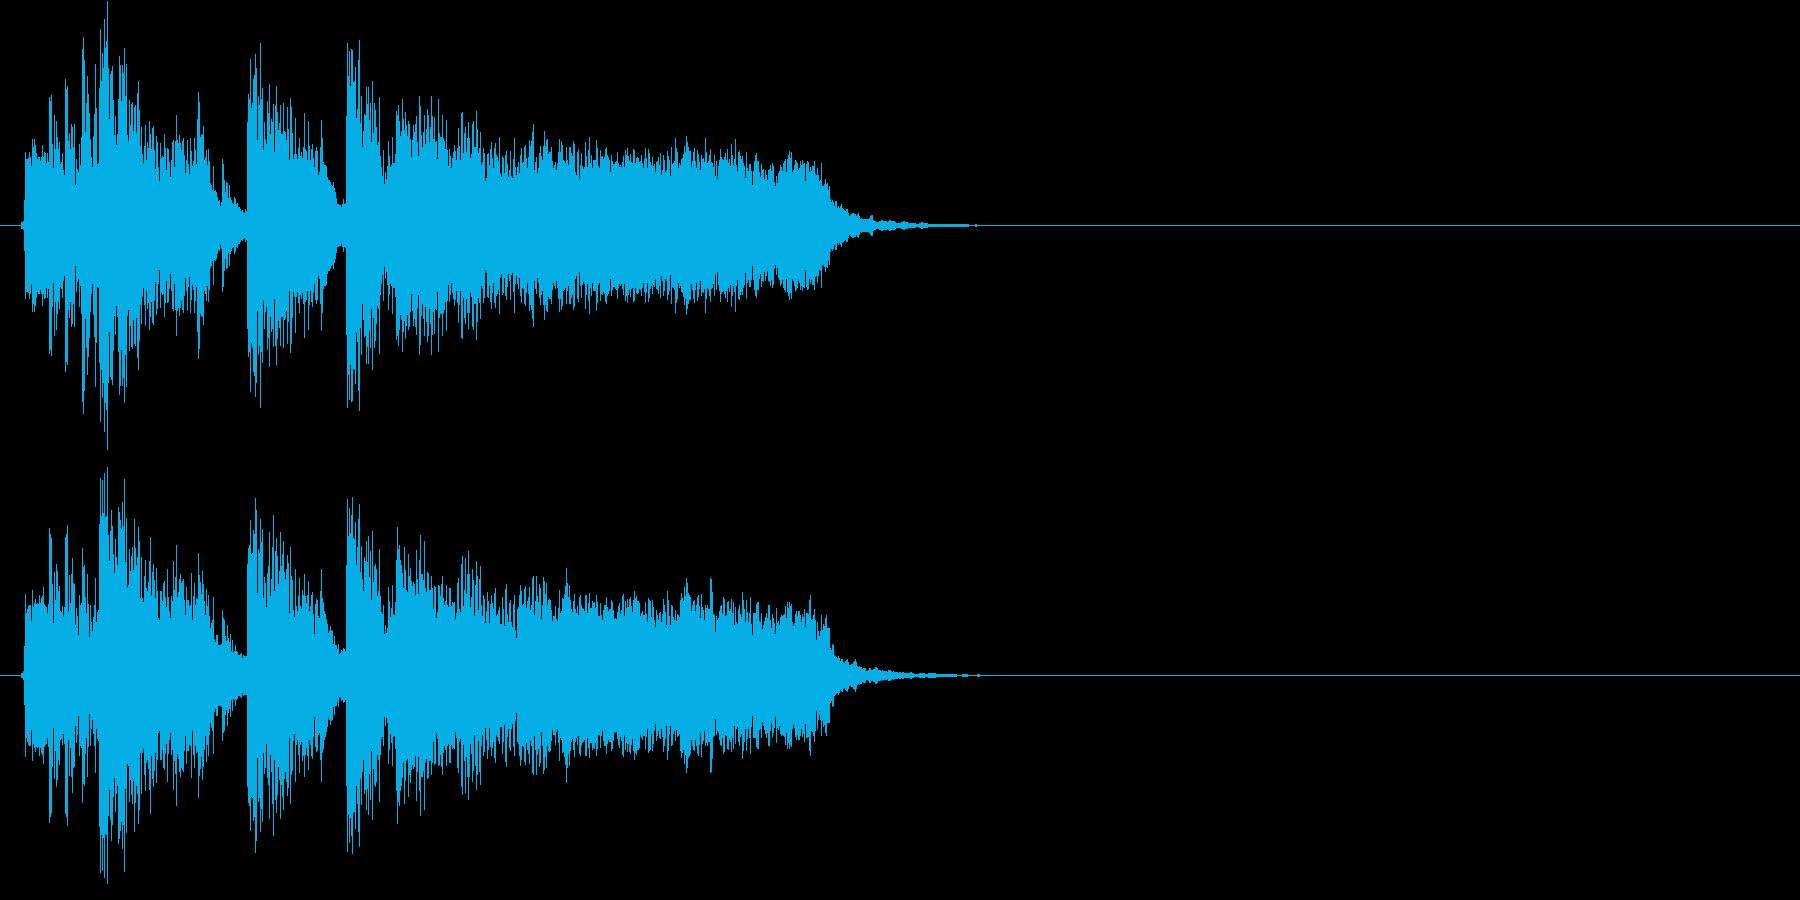 ニュース 場面転換 報道 アタック 情報の再生済みの波形